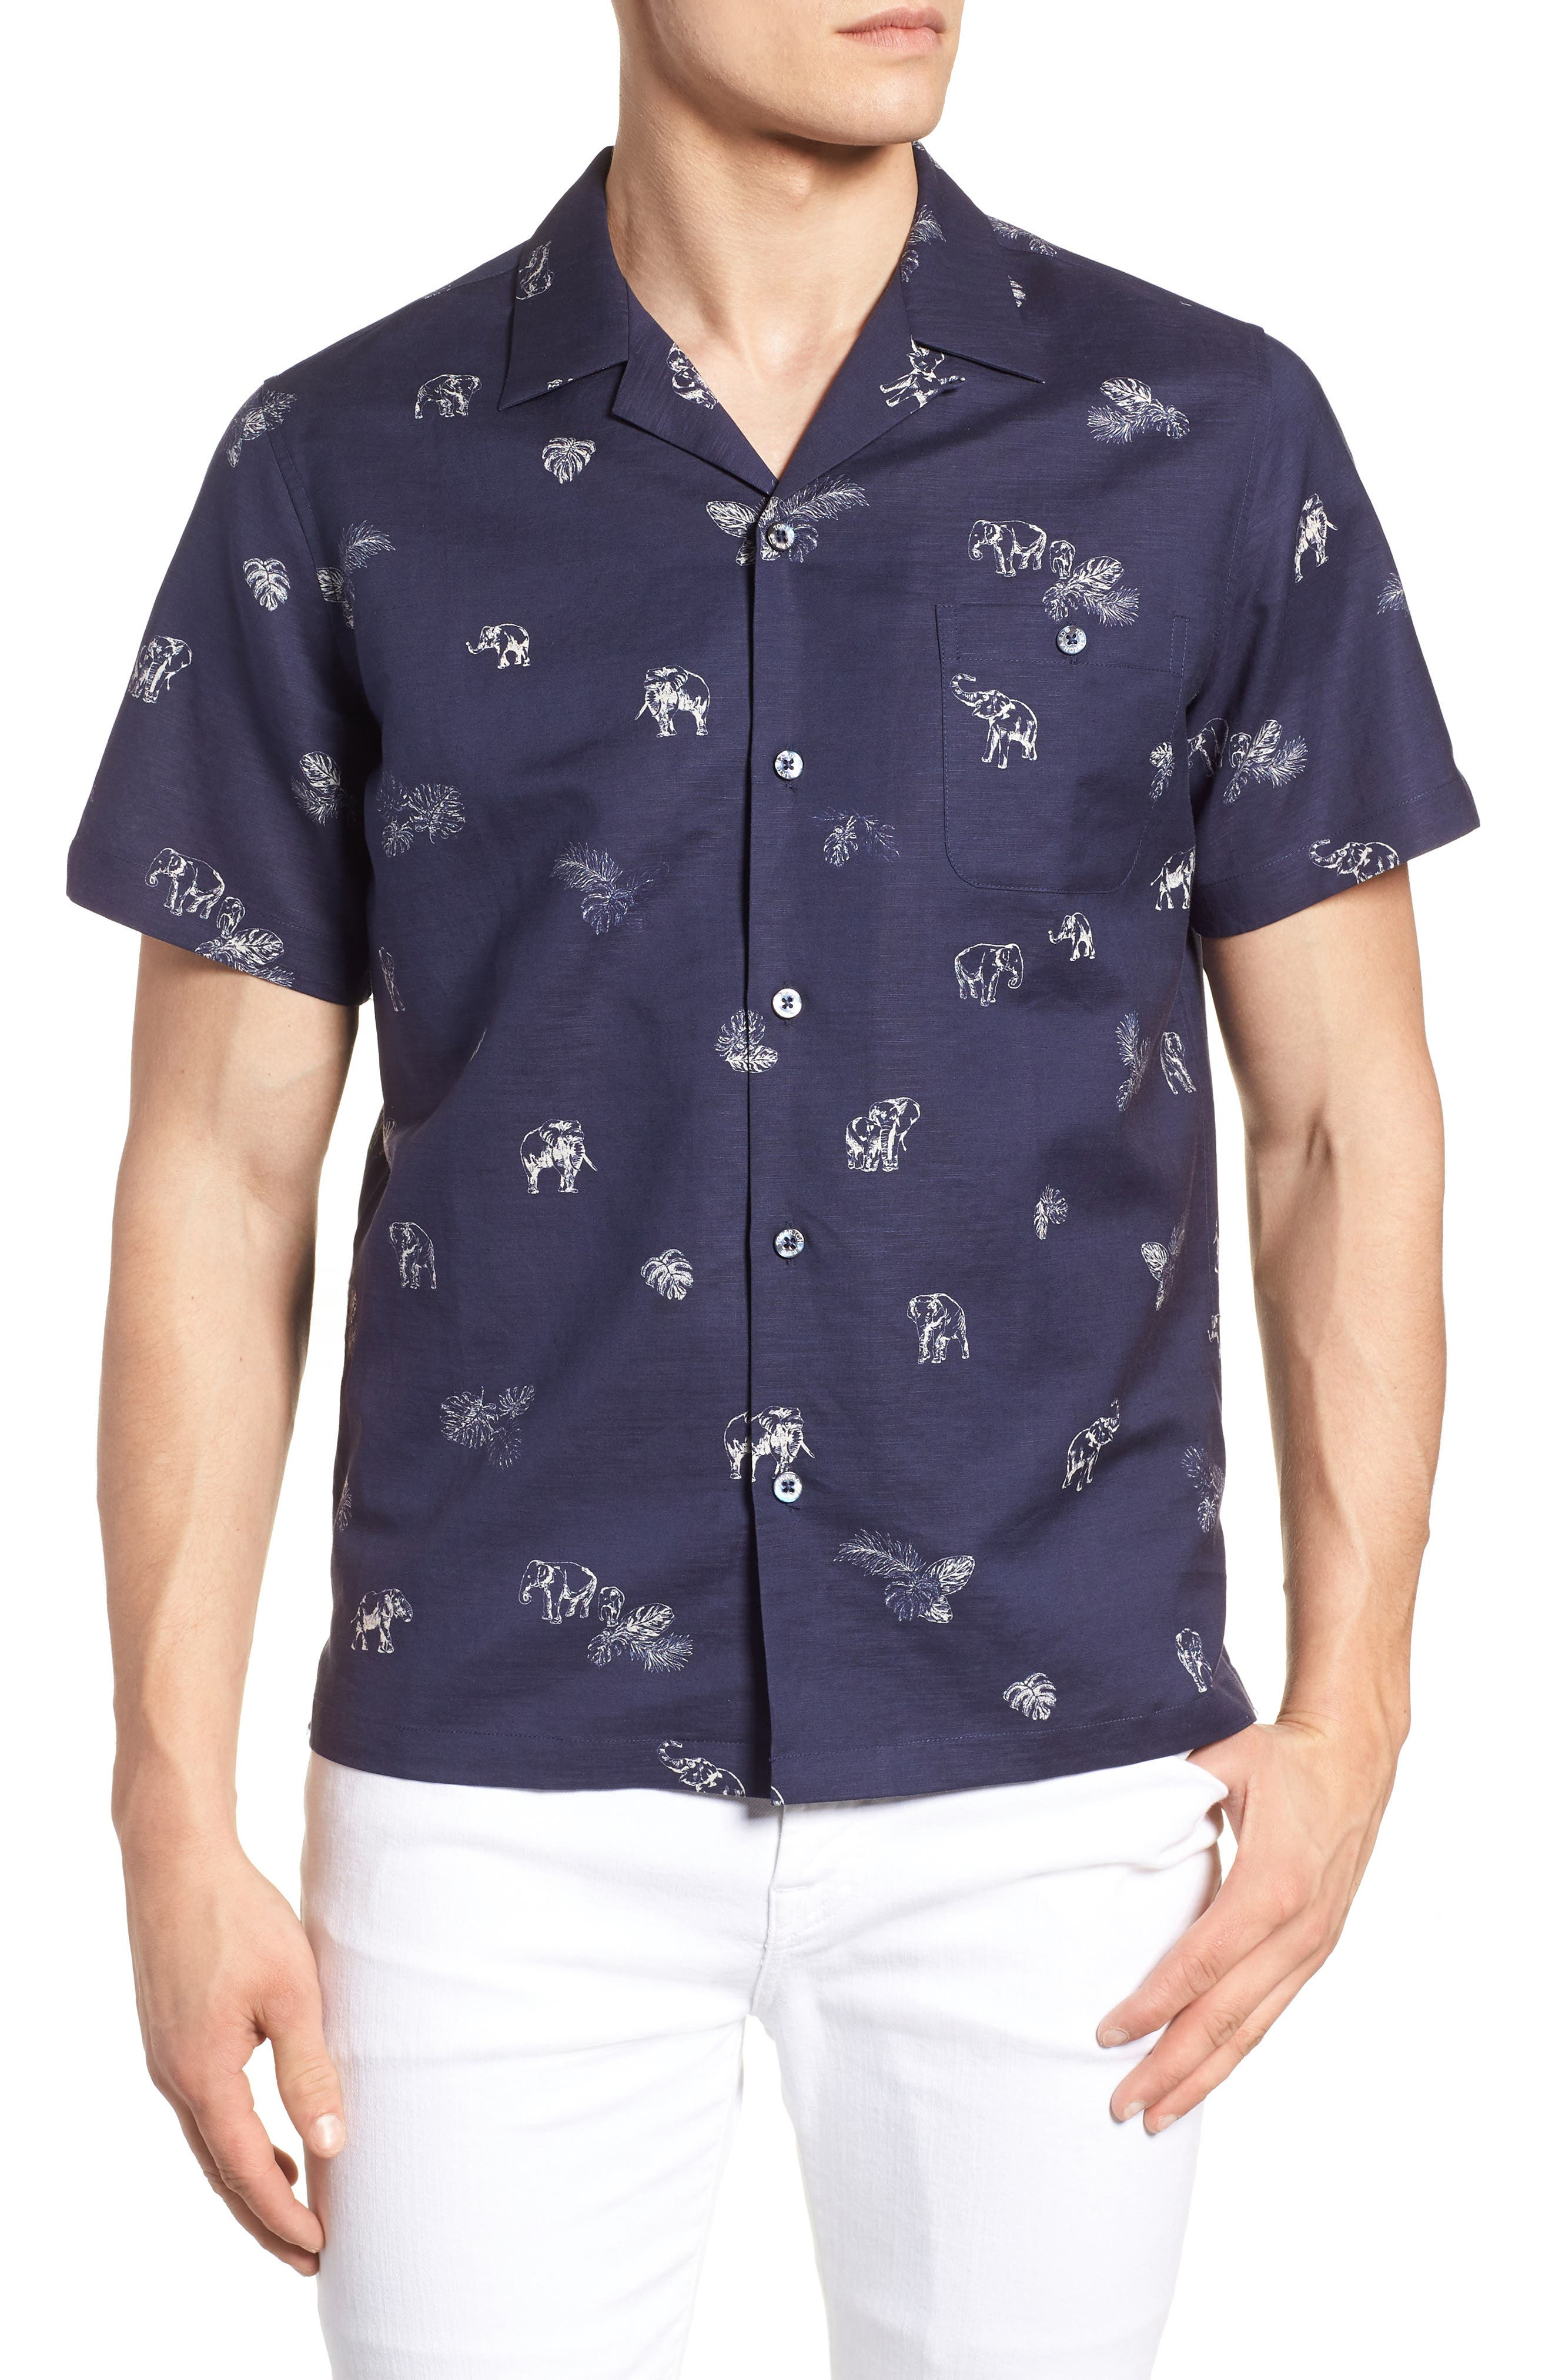 Sanctuary Trim Fit Linen & Cotton Camp Shirt,                             Main thumbnail 1, color,                             415